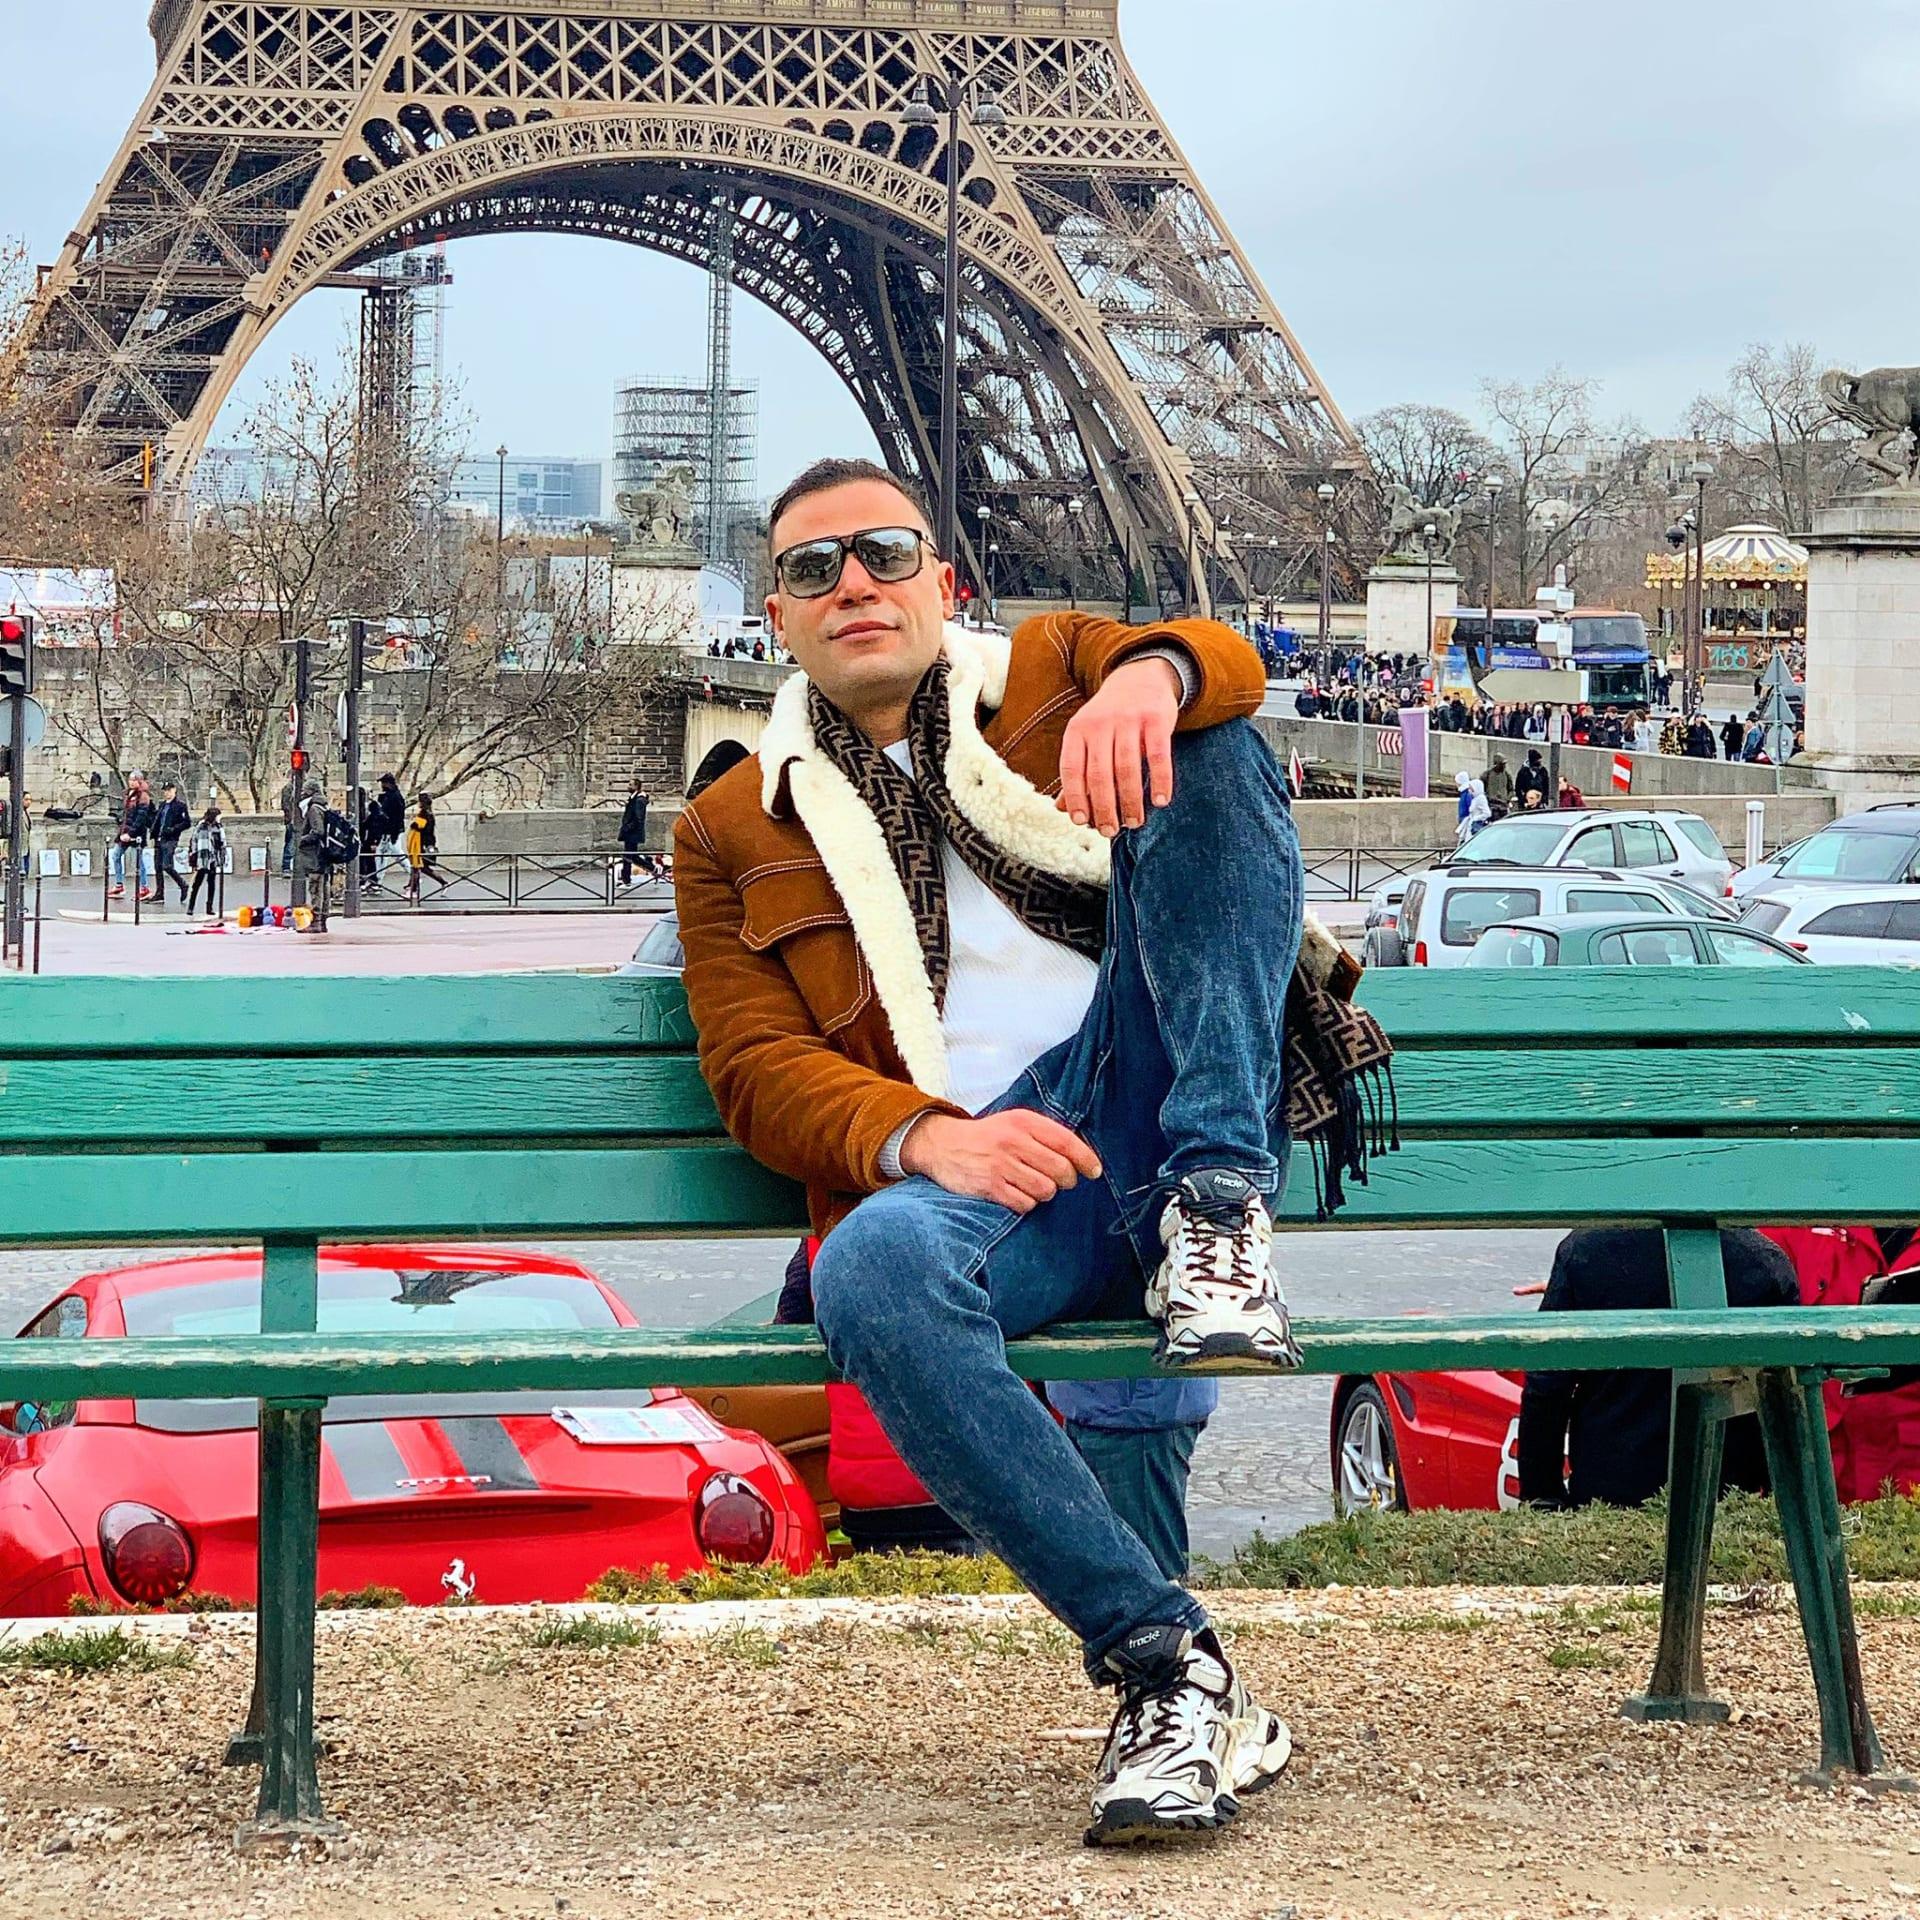 محمد إمام ينشره صوره في باريس ويستذكر مدينة نصر بالقاهرة